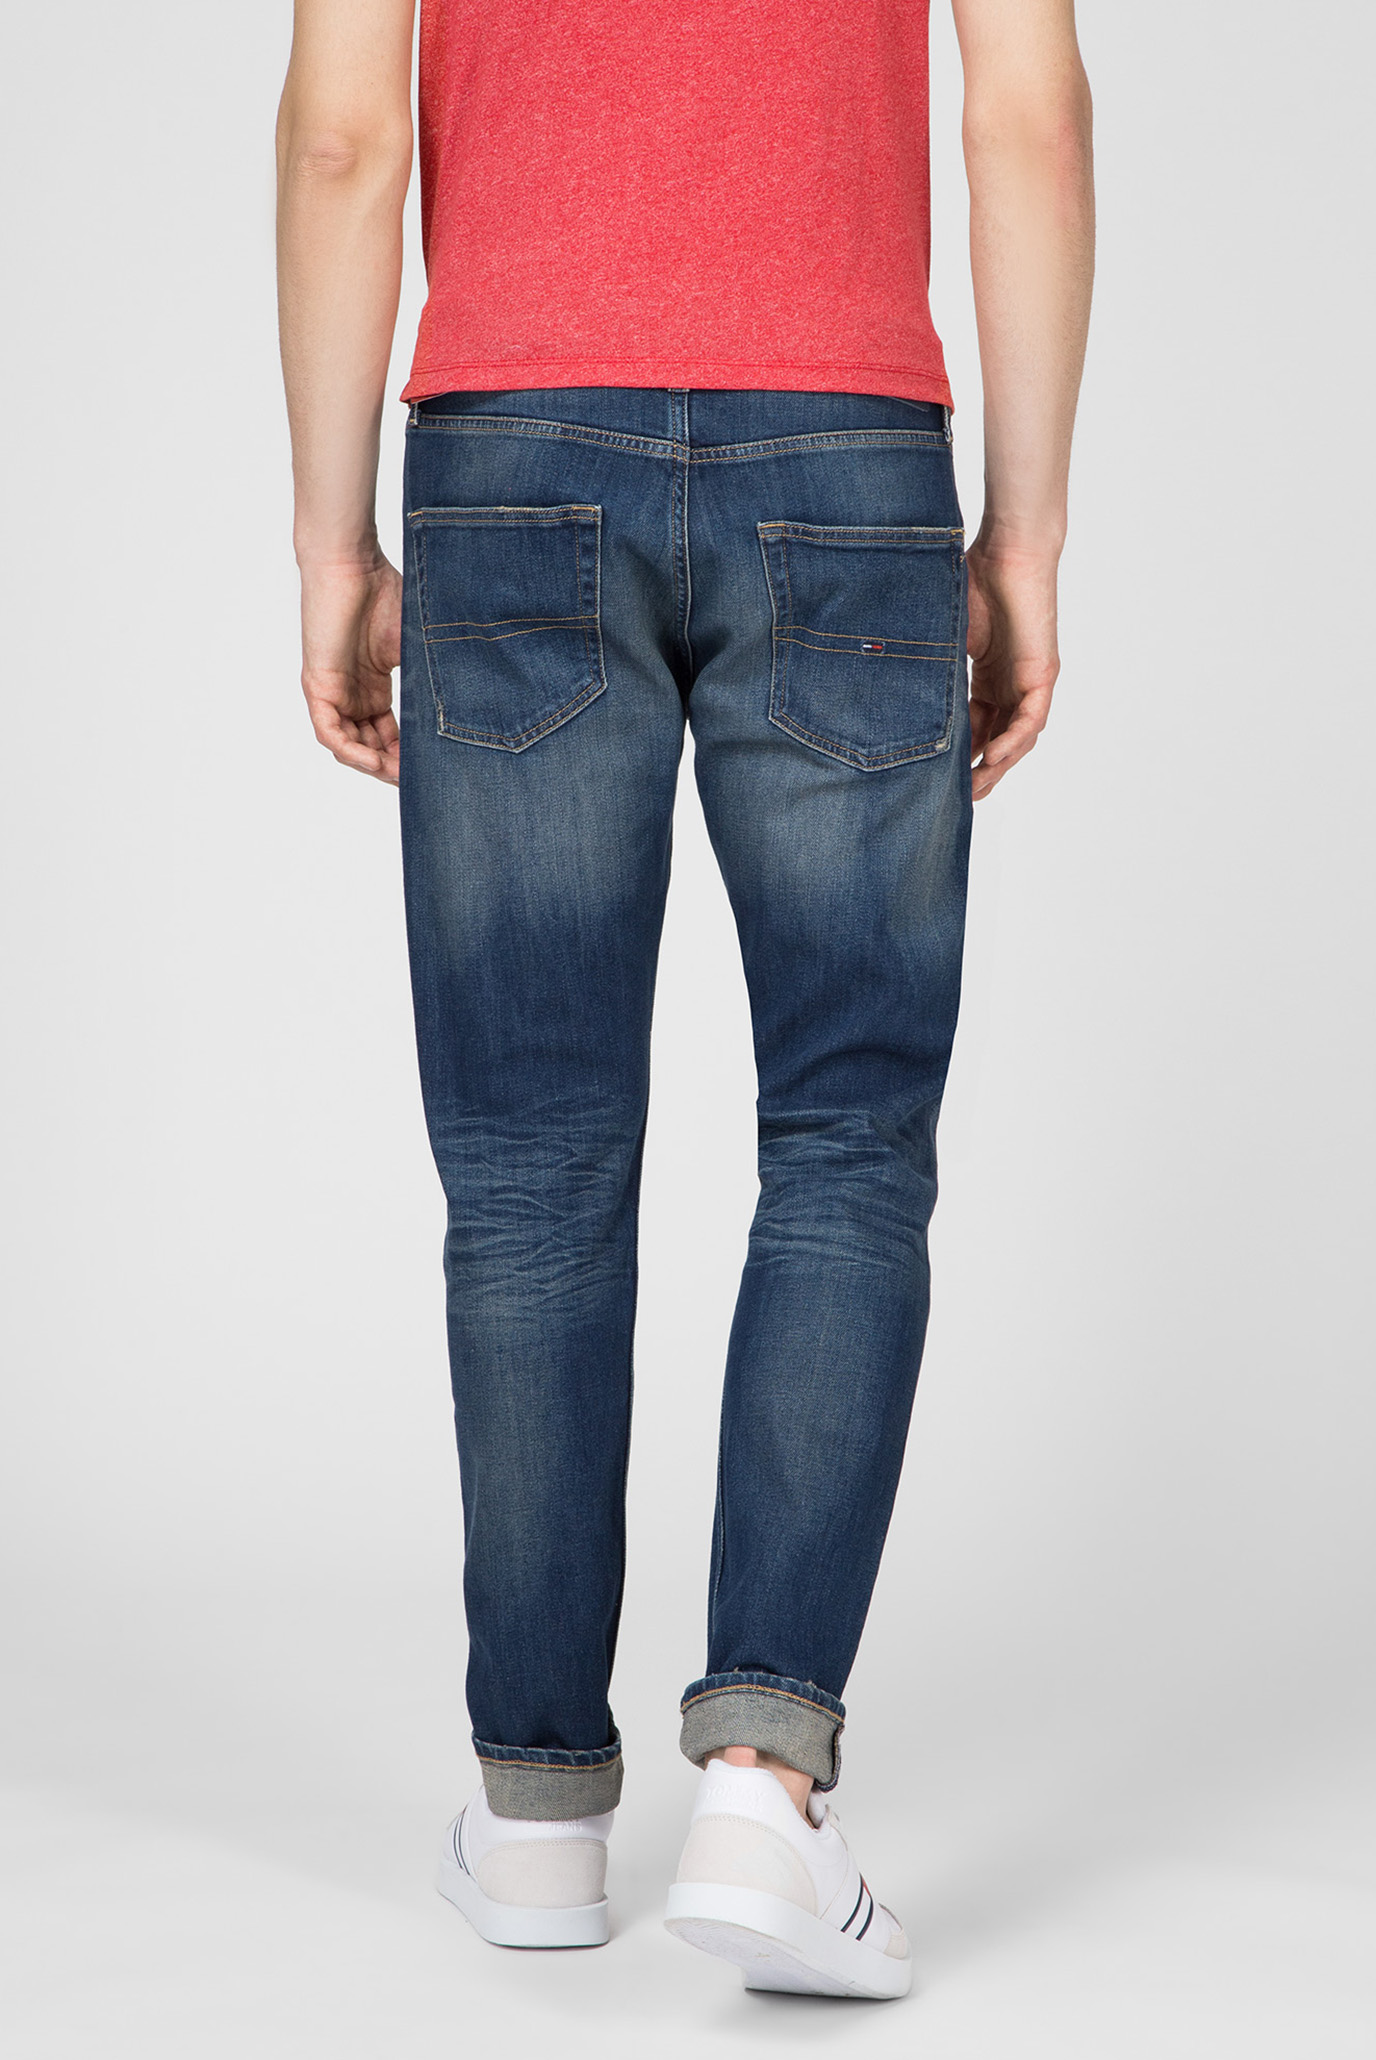 Купить Мужские синие джинсы MODERN TAPERED TJ 1988 Tommy Hilfiger Tommy Hilfiger DM0DM05603 – Киев, Украина. Цены в интернет магазине MD Fashion